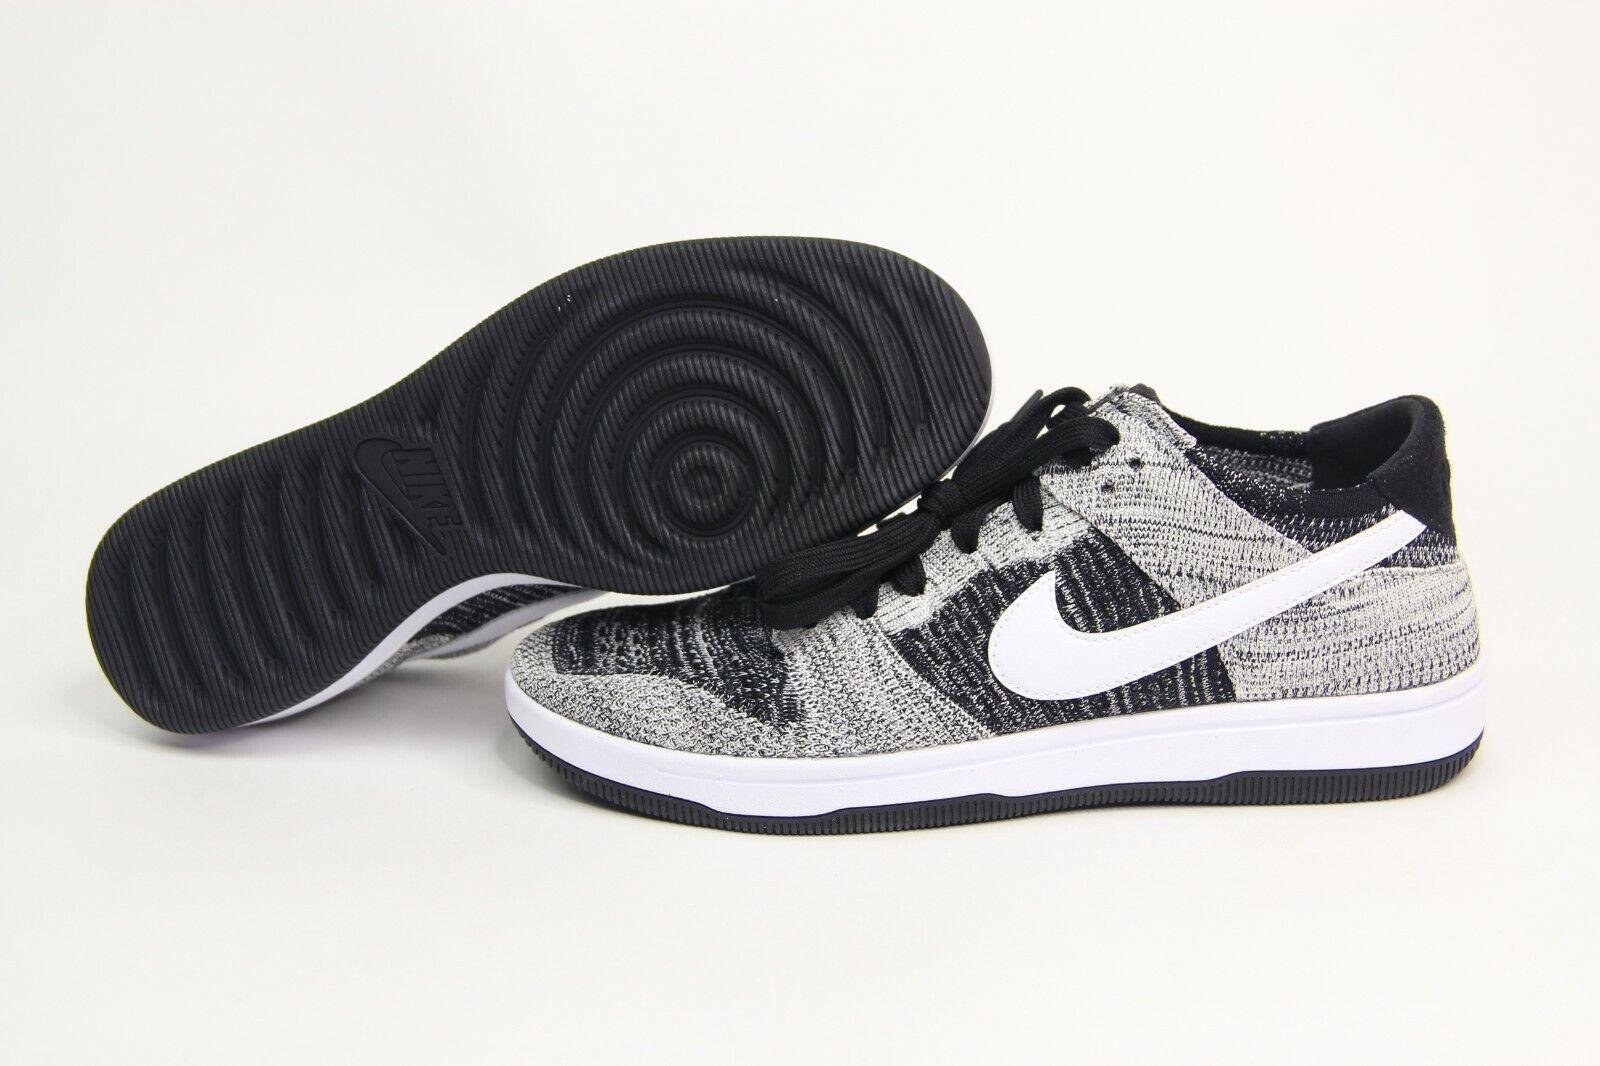 Nike Dunk Low Flyknit Oreo Black White Basketball shoes 917746-003 Men's SZ 9